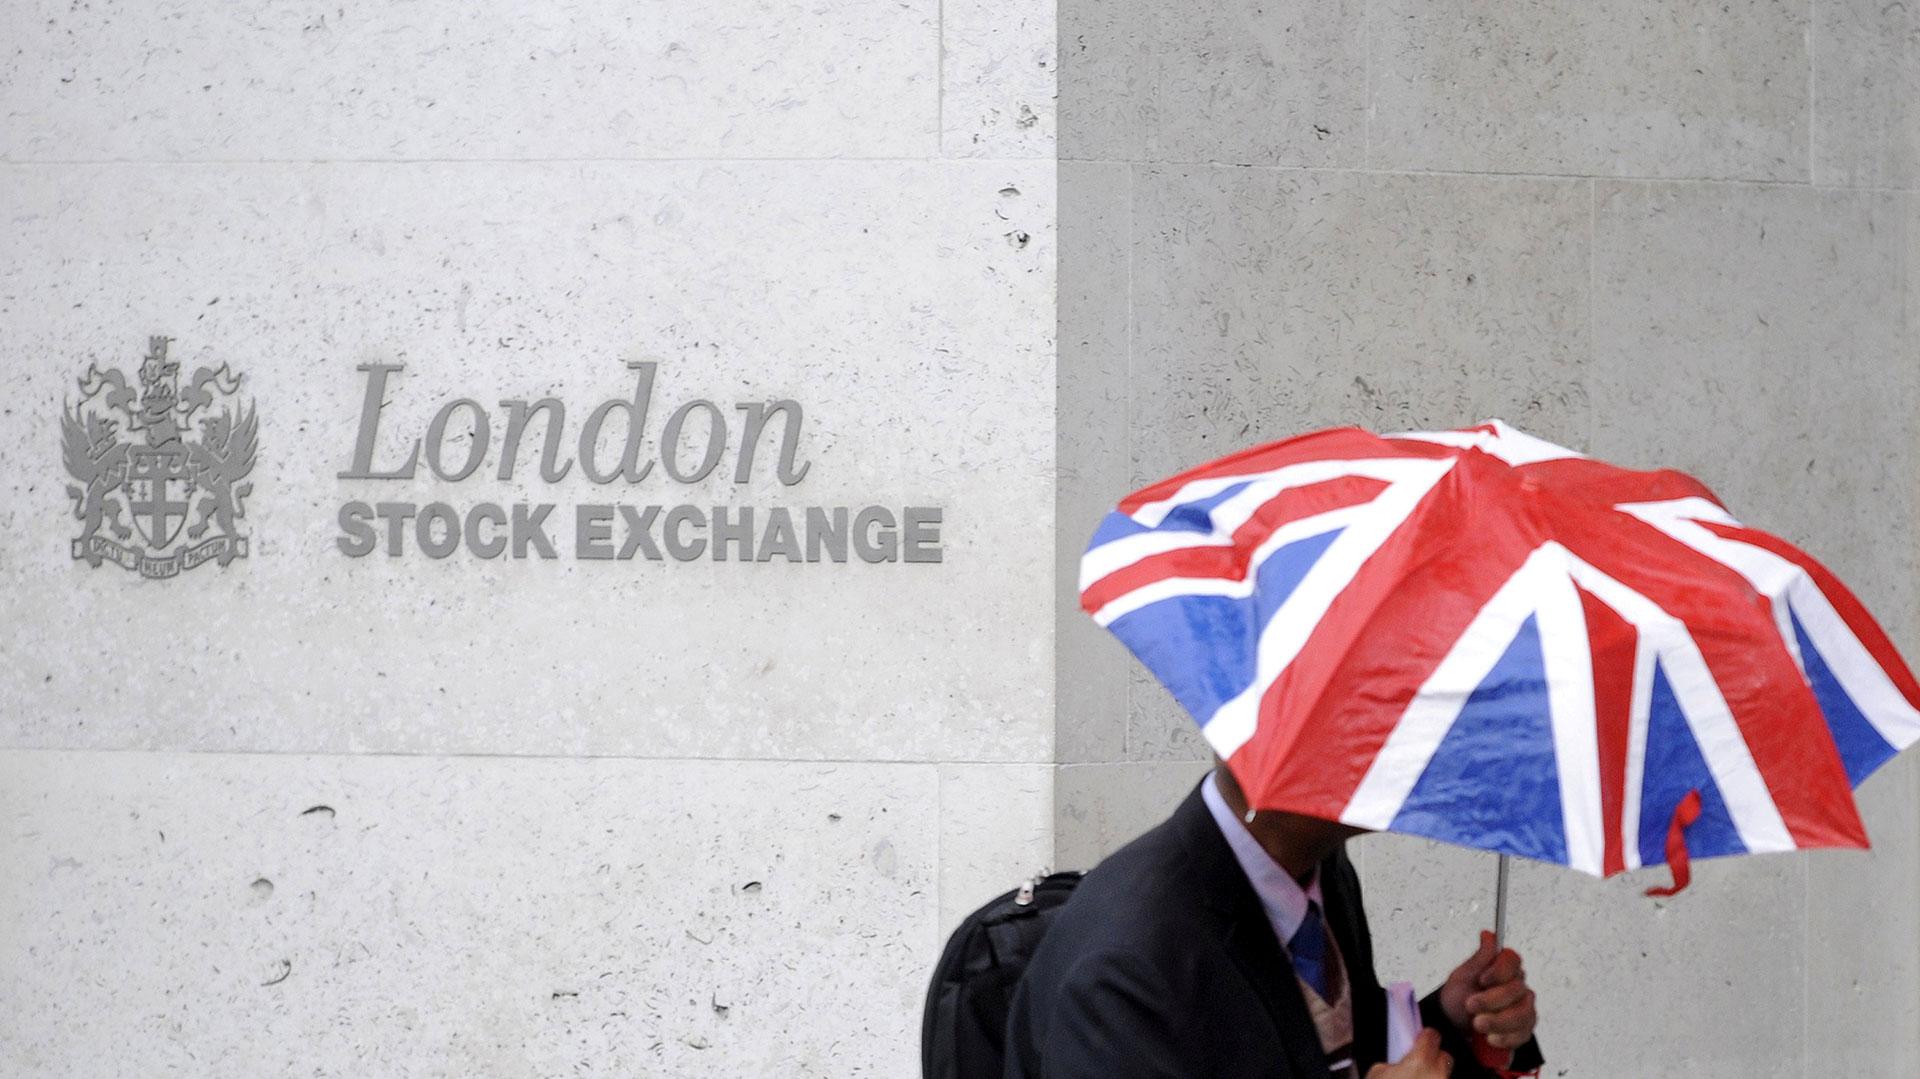 La Bolsa de Londres y un año atravesado por las turbulencias del Brexit (Reuters)